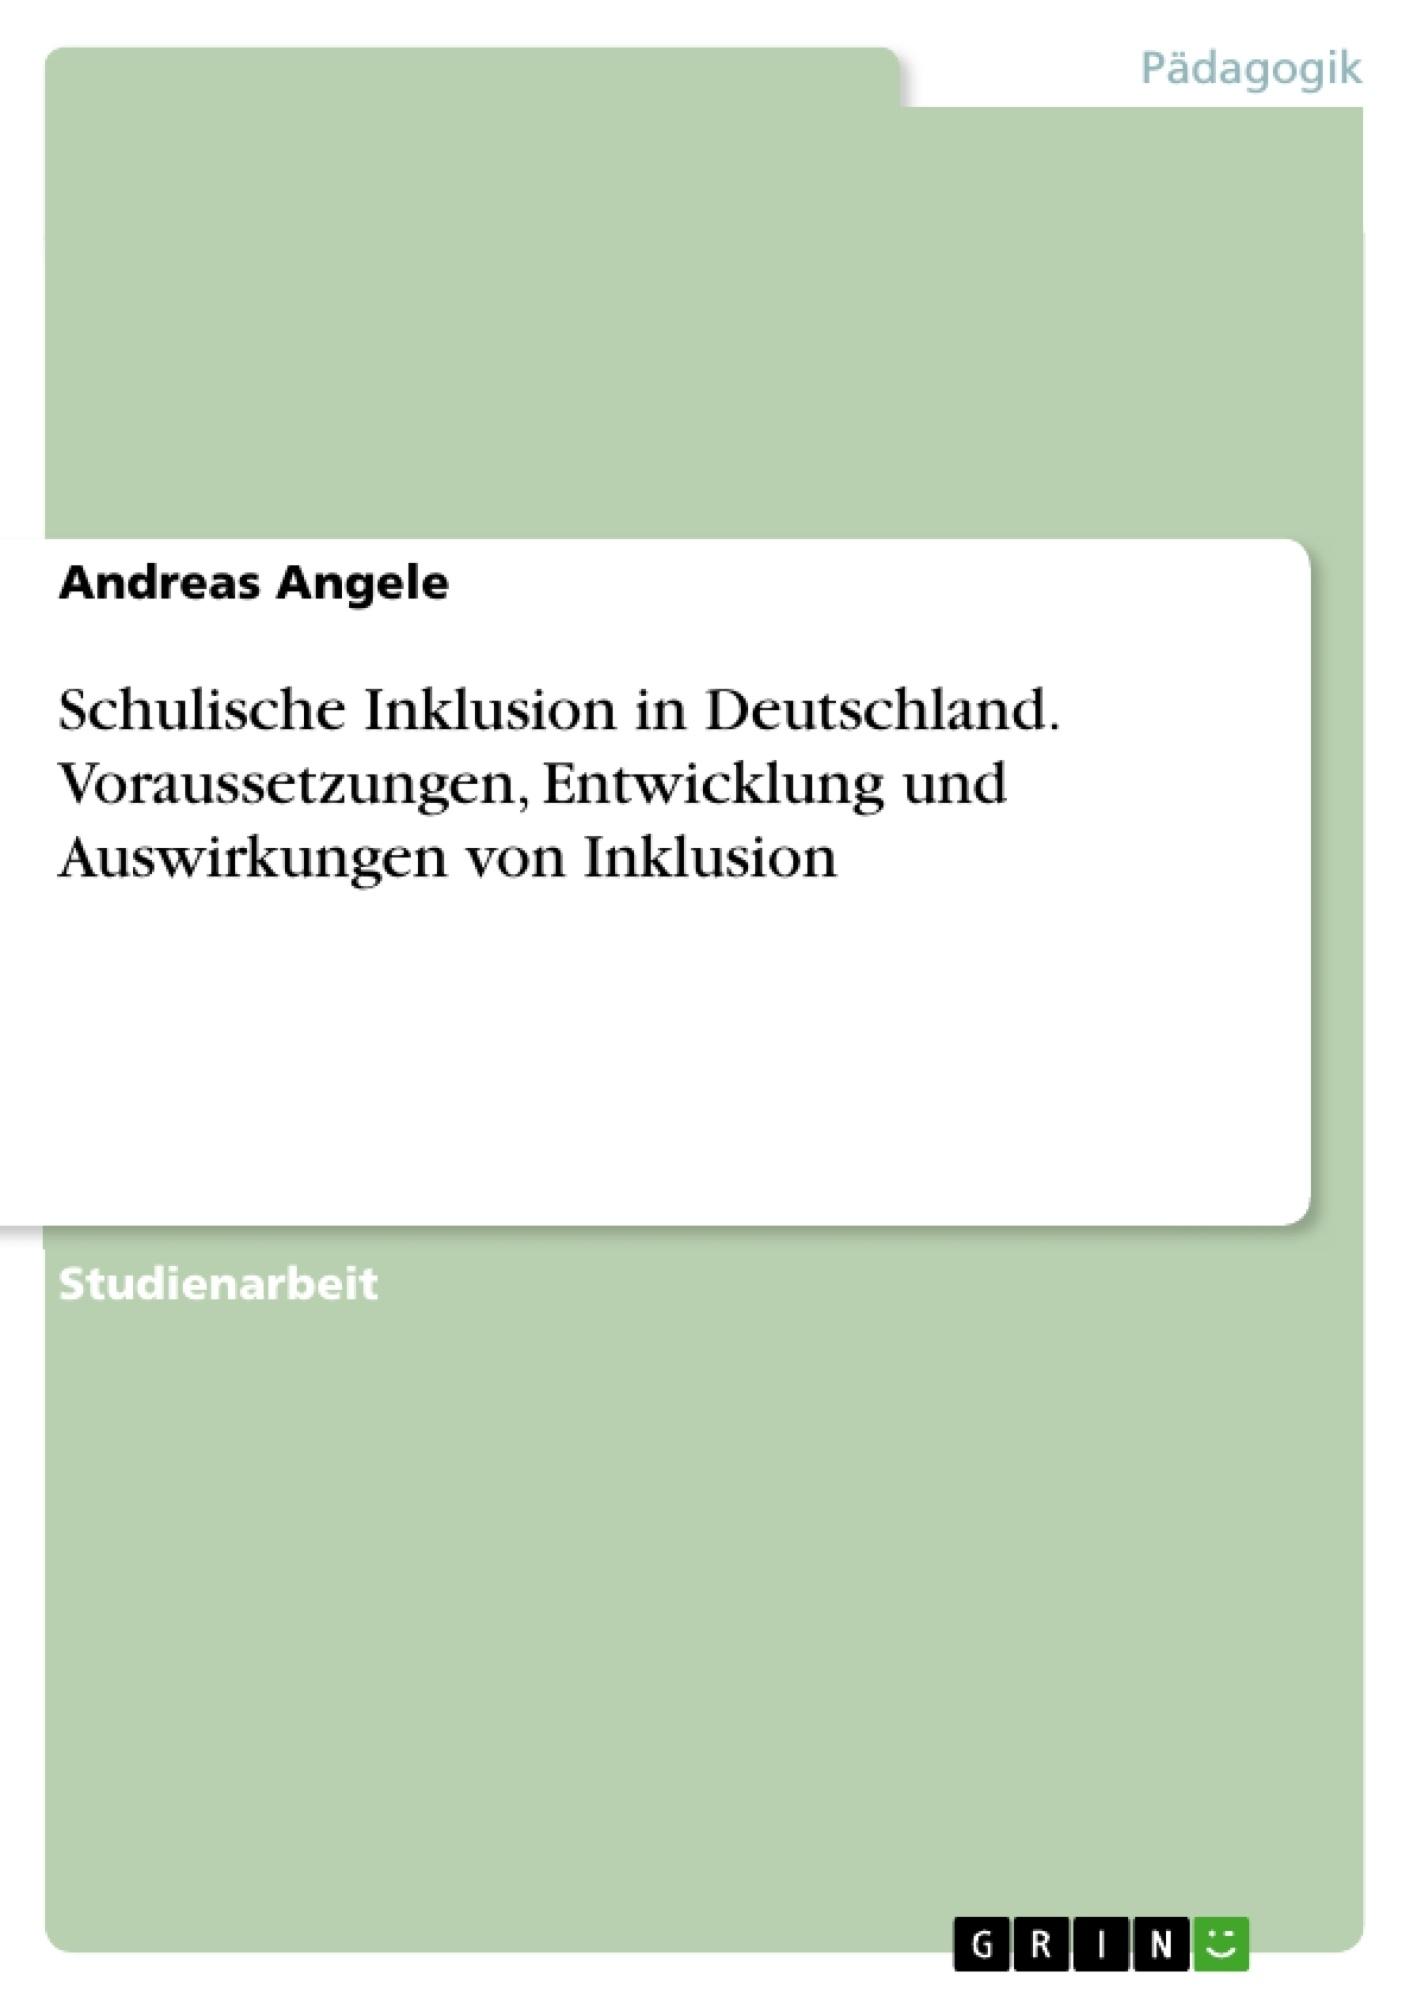 Titel: Schulische Inklusion in Deutschland. Voraussetzungen, Entwicklung und Auswirkungen von Inklusion